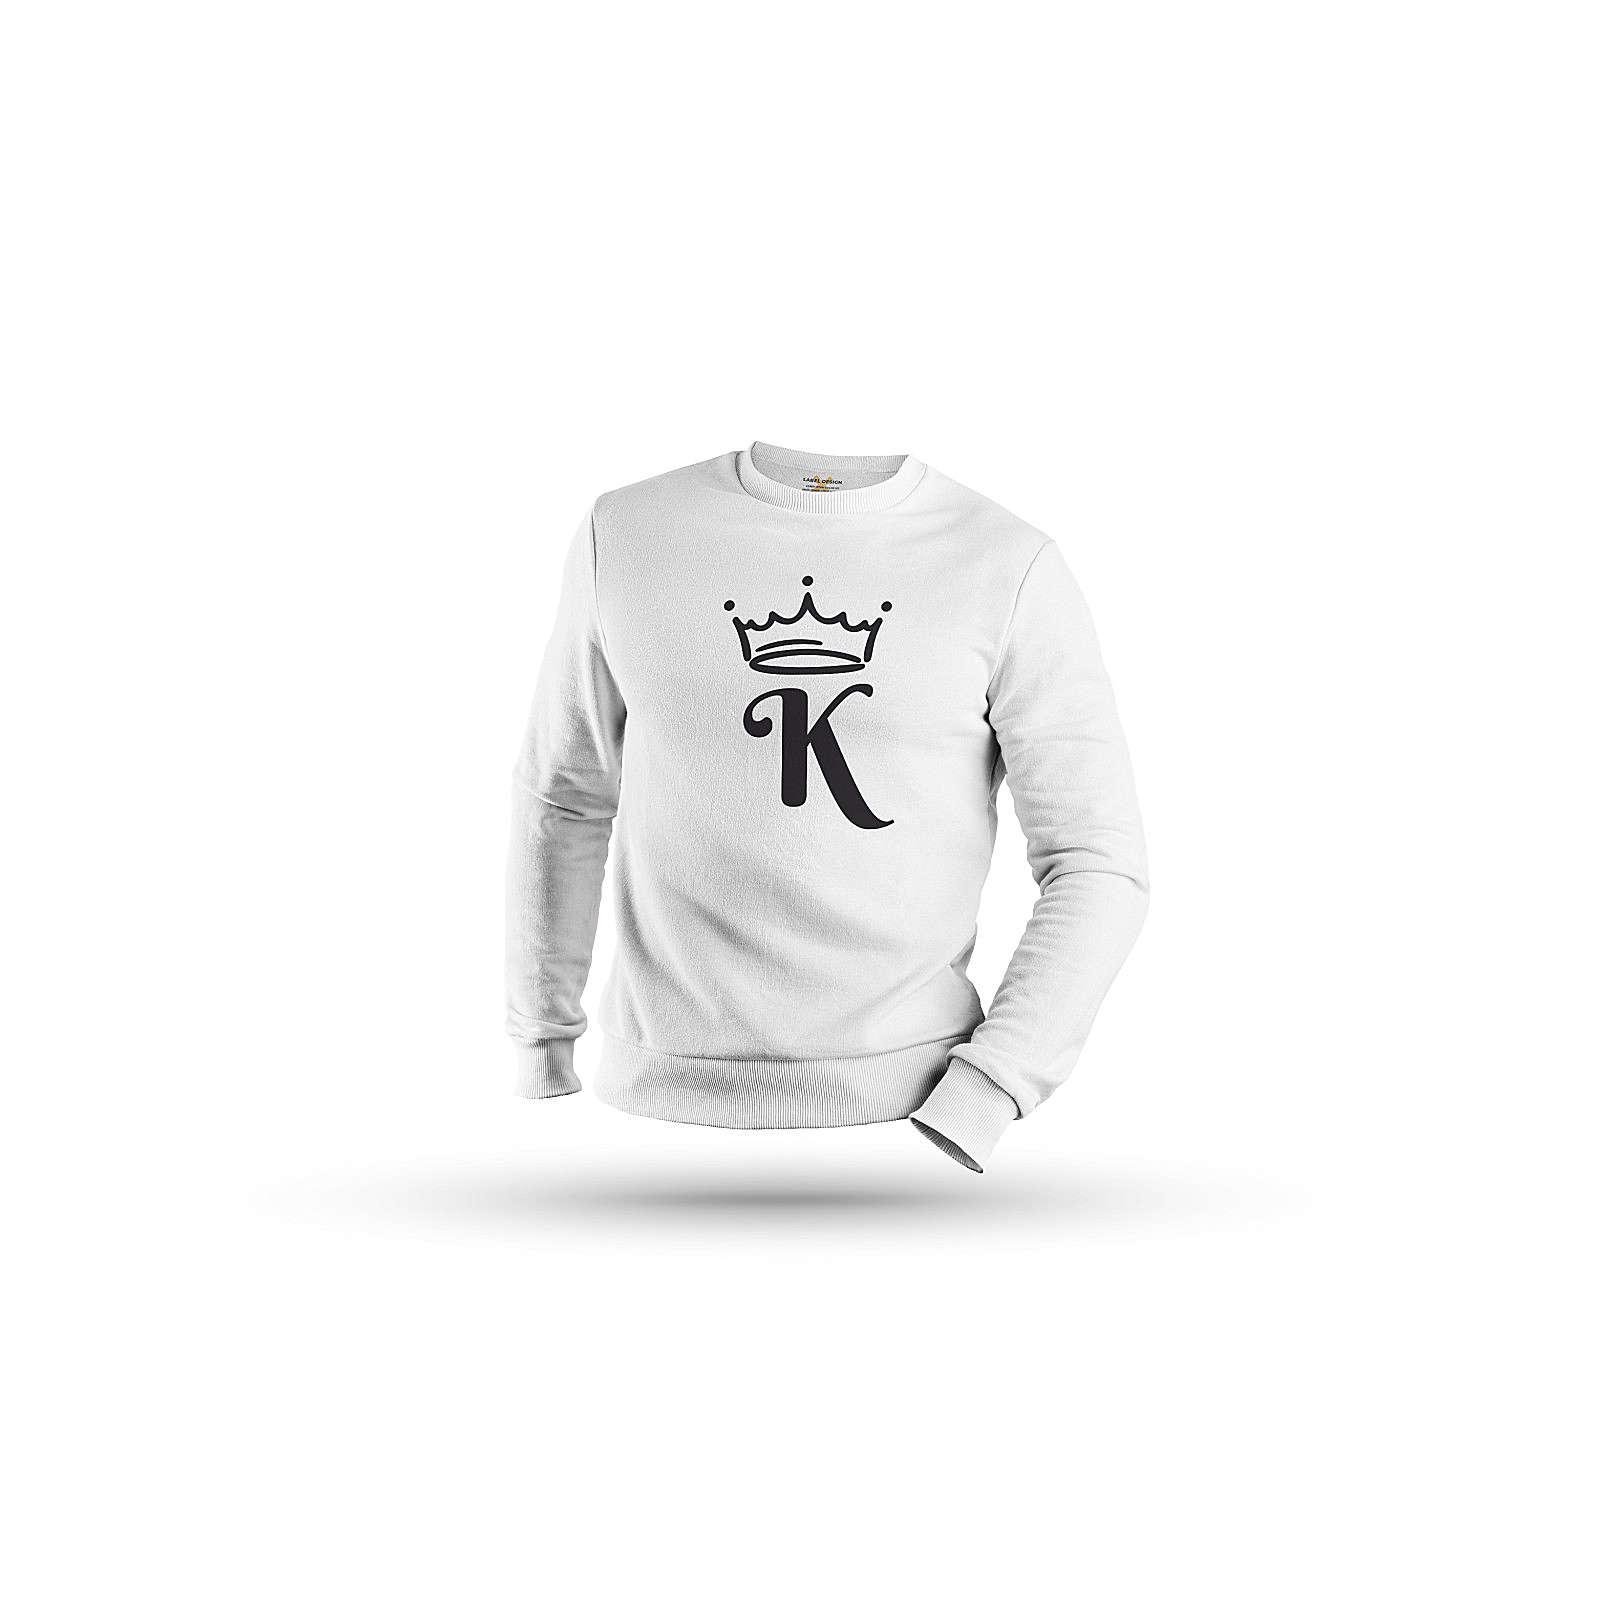 mamino Herren Sweatshirt -King & Queen Couple Sweatshirts weiß Herren Gr. 50